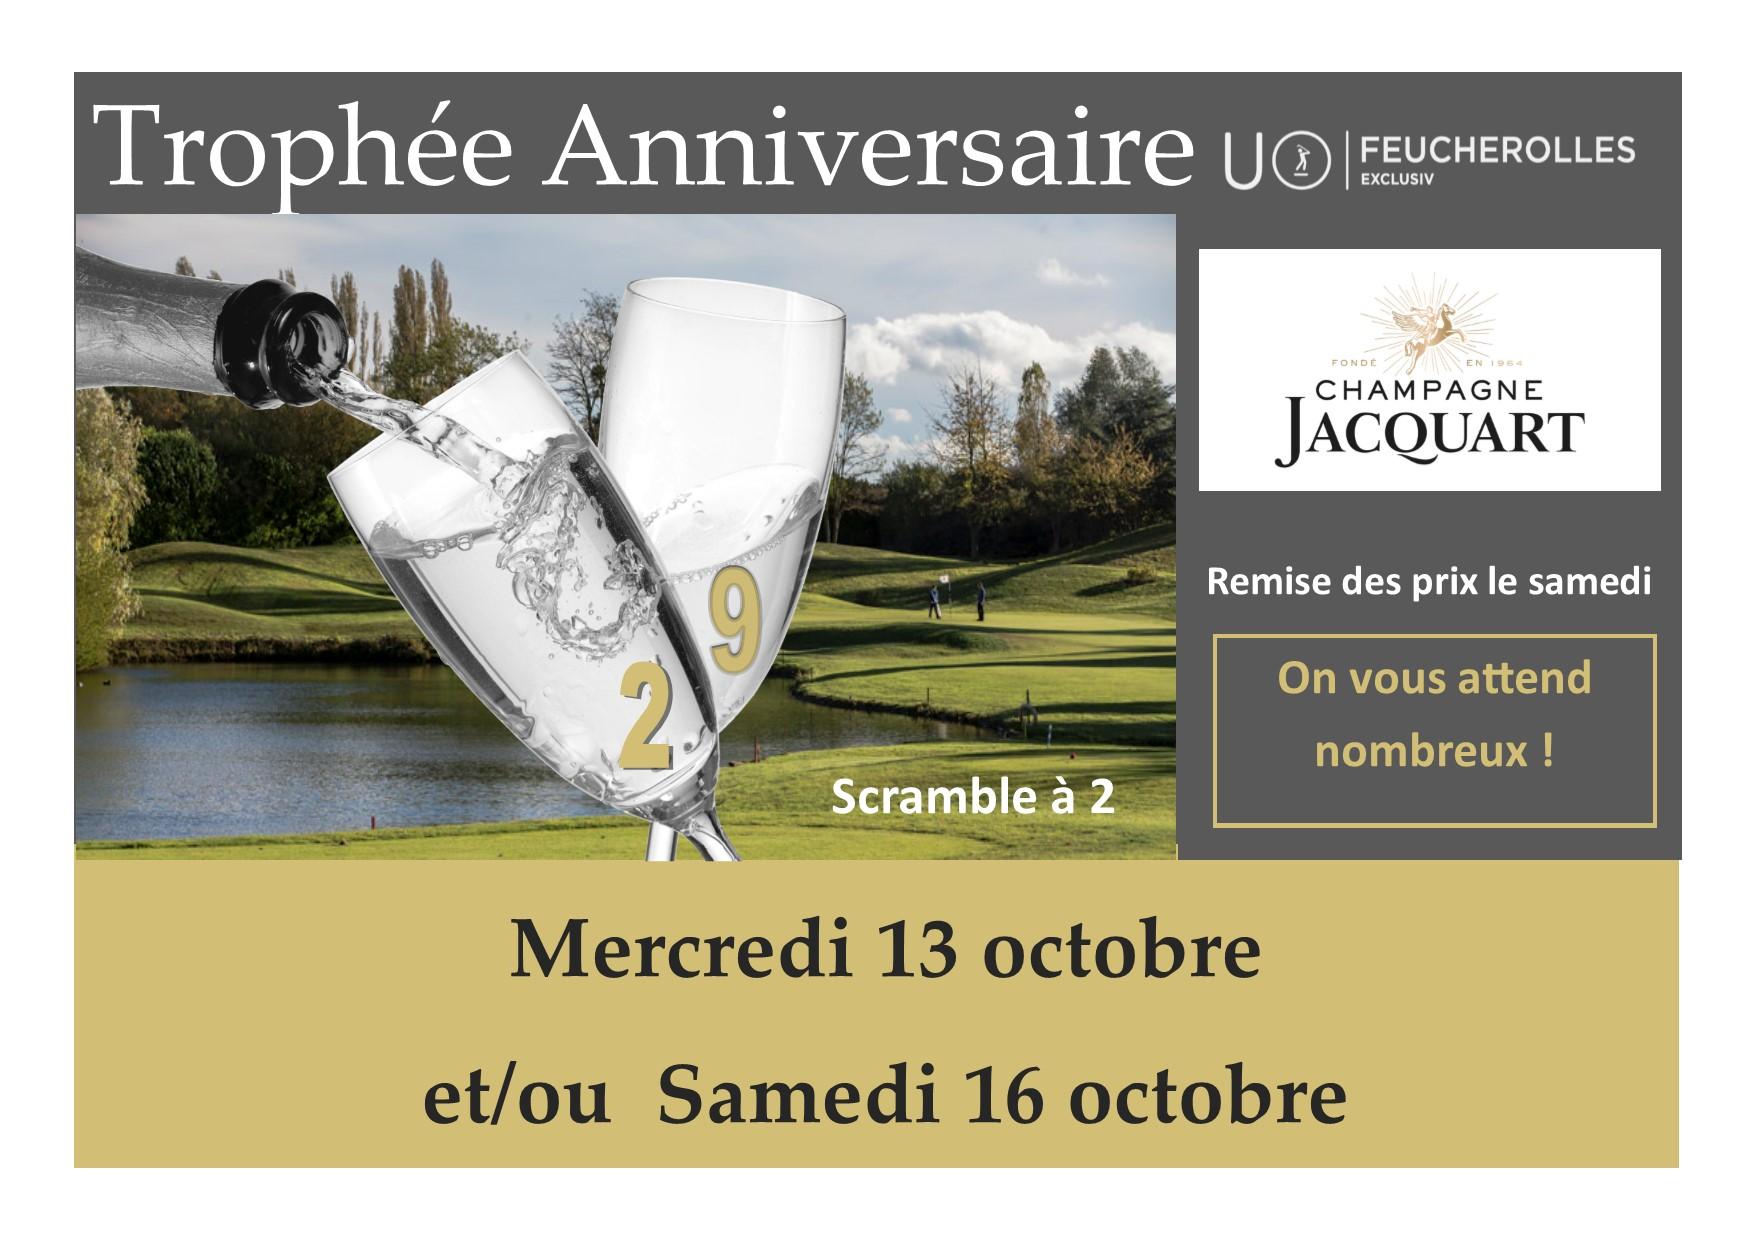 Golf de Feucherolles : Trophée anniversaire